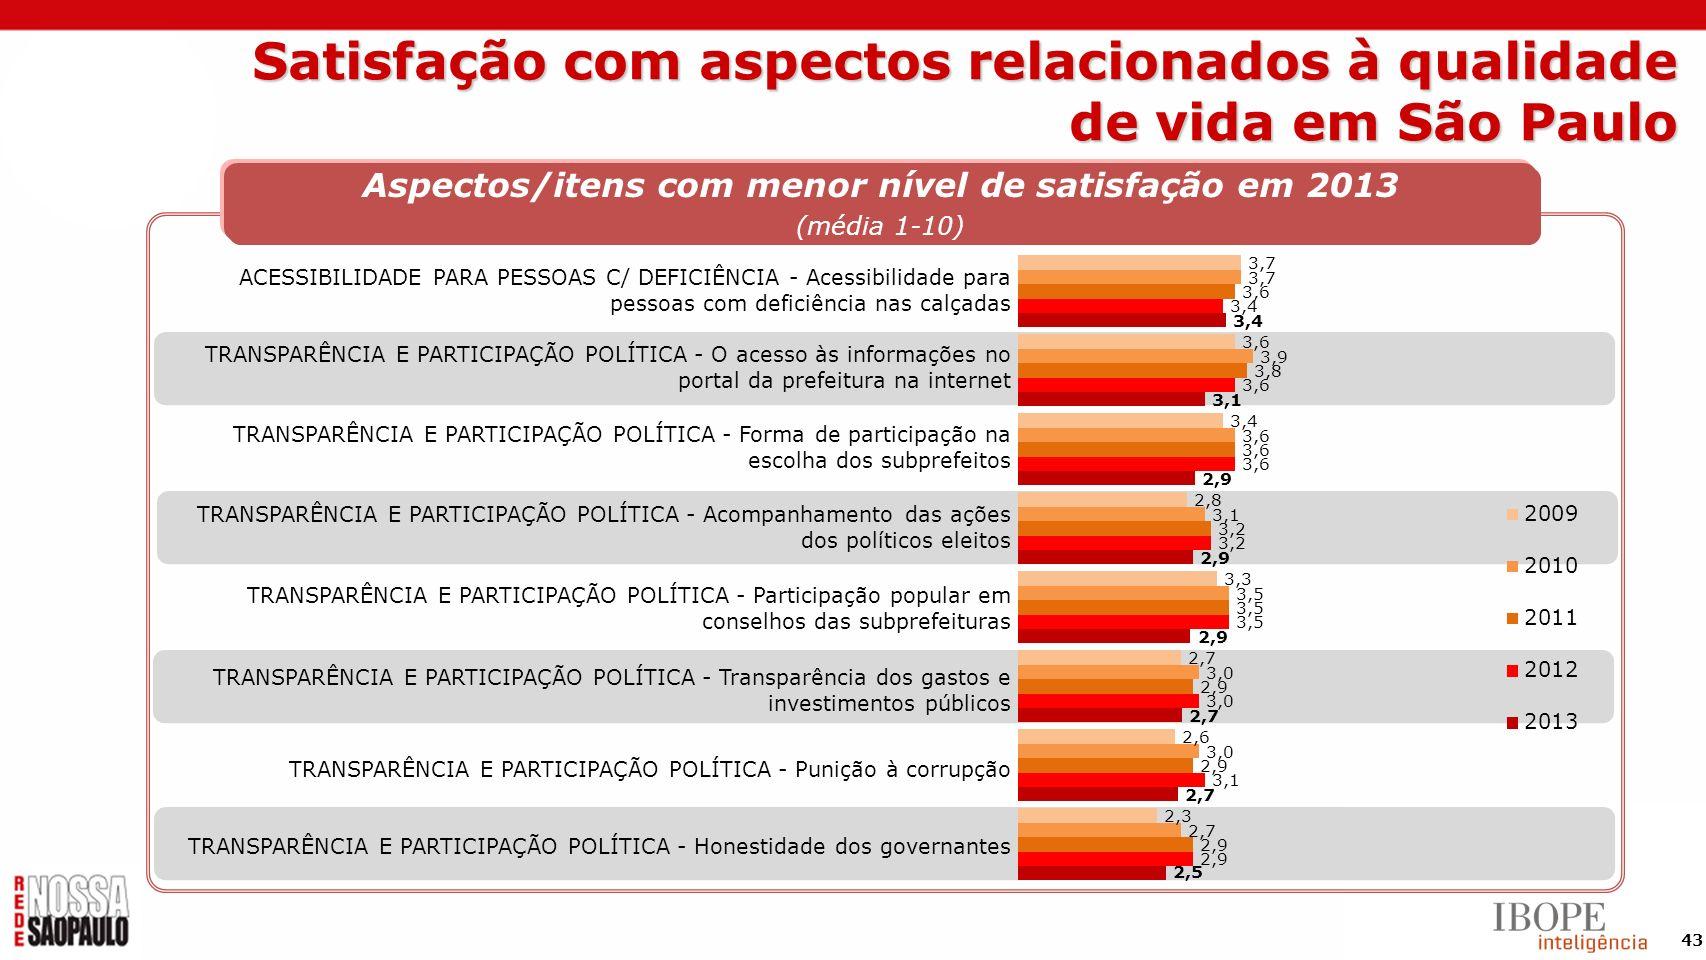 43 Aspectos/itens com menor nível de satisfação em 2013 (média 1-10) ACESSIBILIDADE PARA PESSOAS C/ DEFICIÊNCIA - Acessibilidade para pessoas com defi